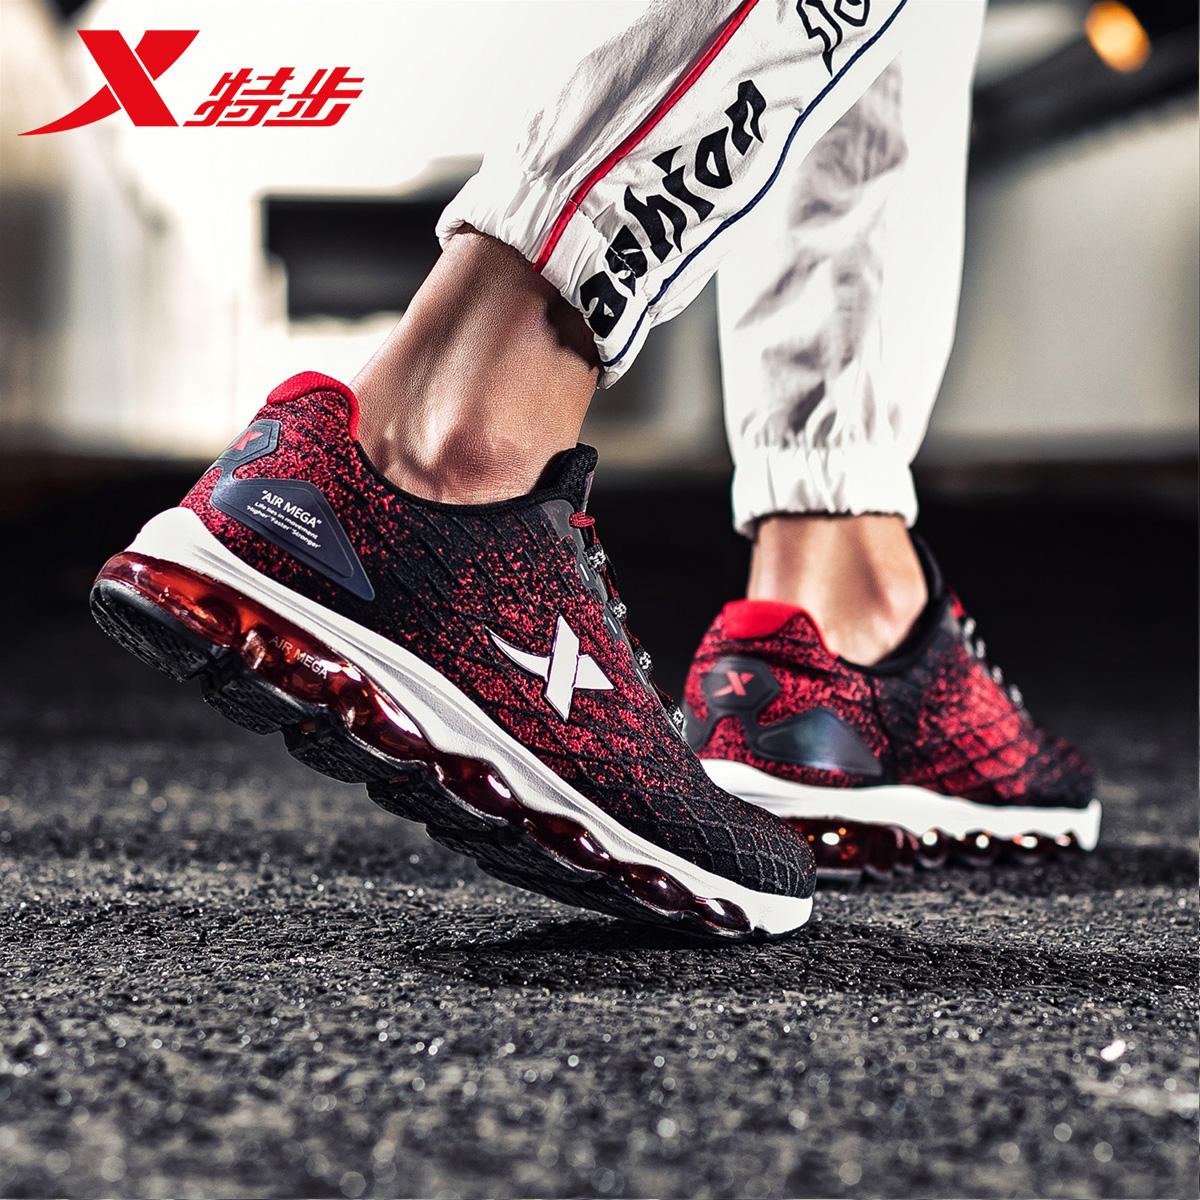 特步 全掌气垫 男式运动鞋 跑鞋 天猫优惠券折后¥149包邮(¥179-30)多色可选